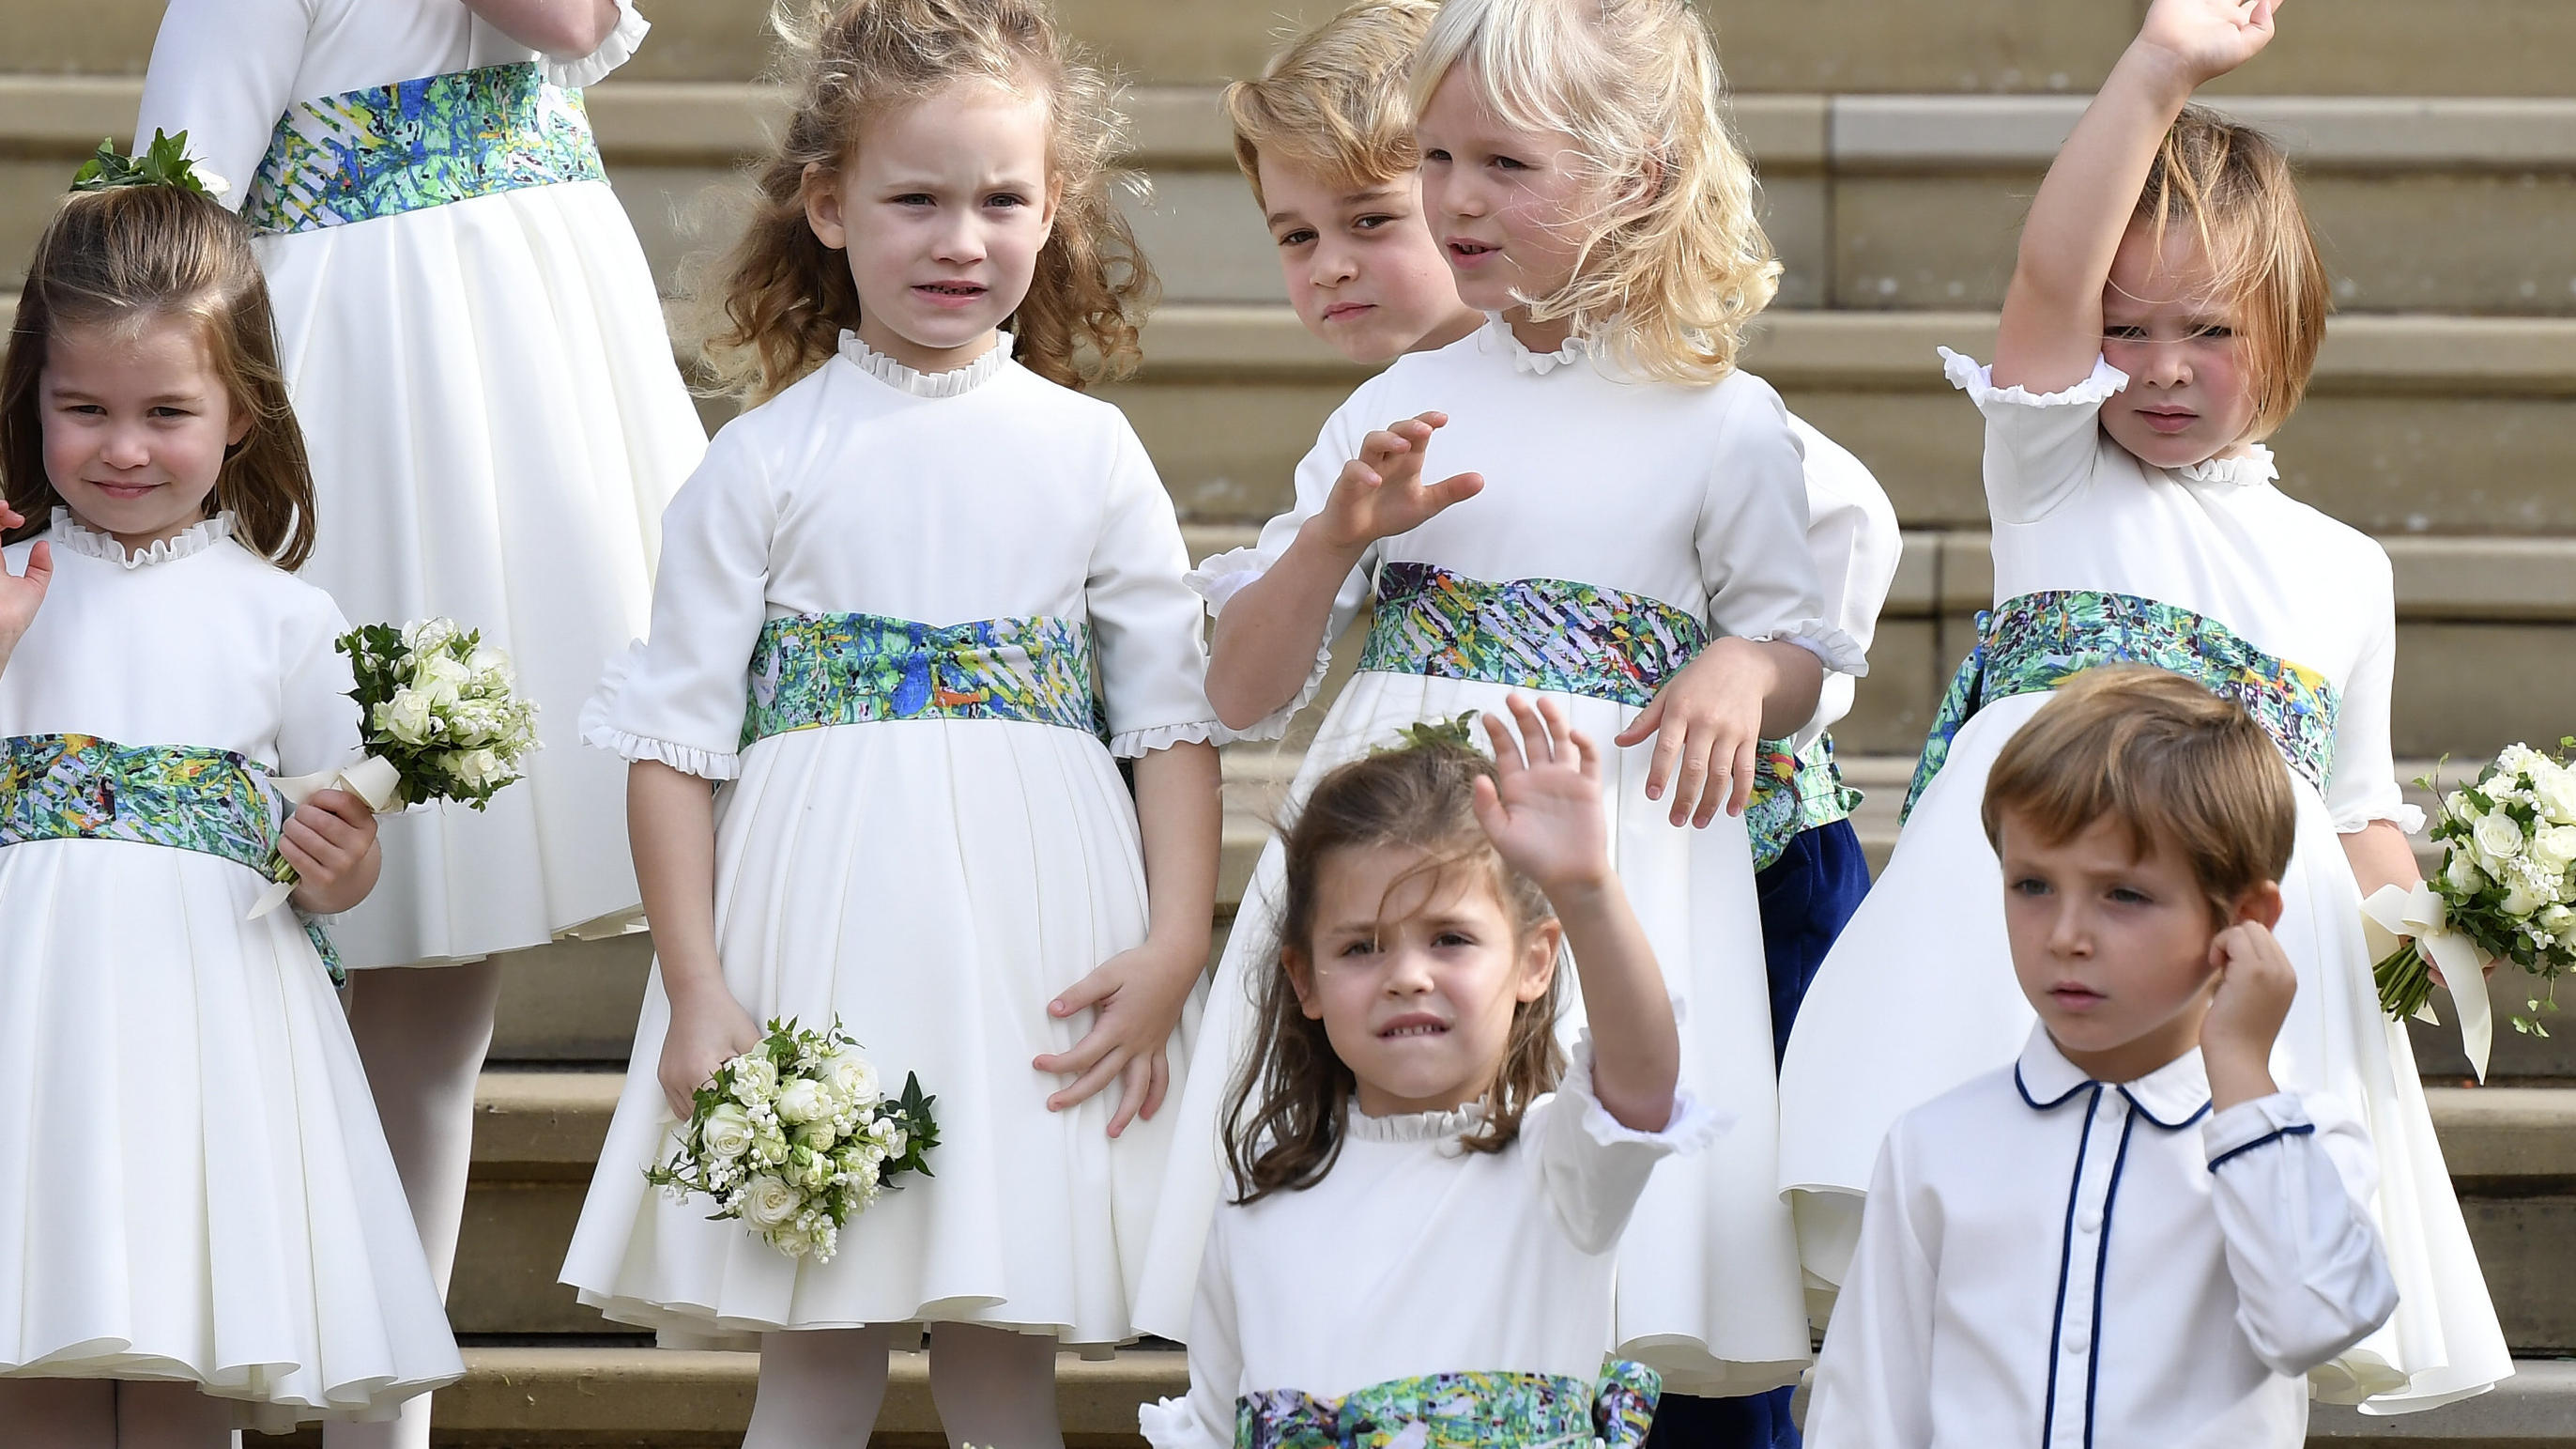 Hochzeit Von Prinzessin Eugenie Und Jack Brooksbank Robbie Williams